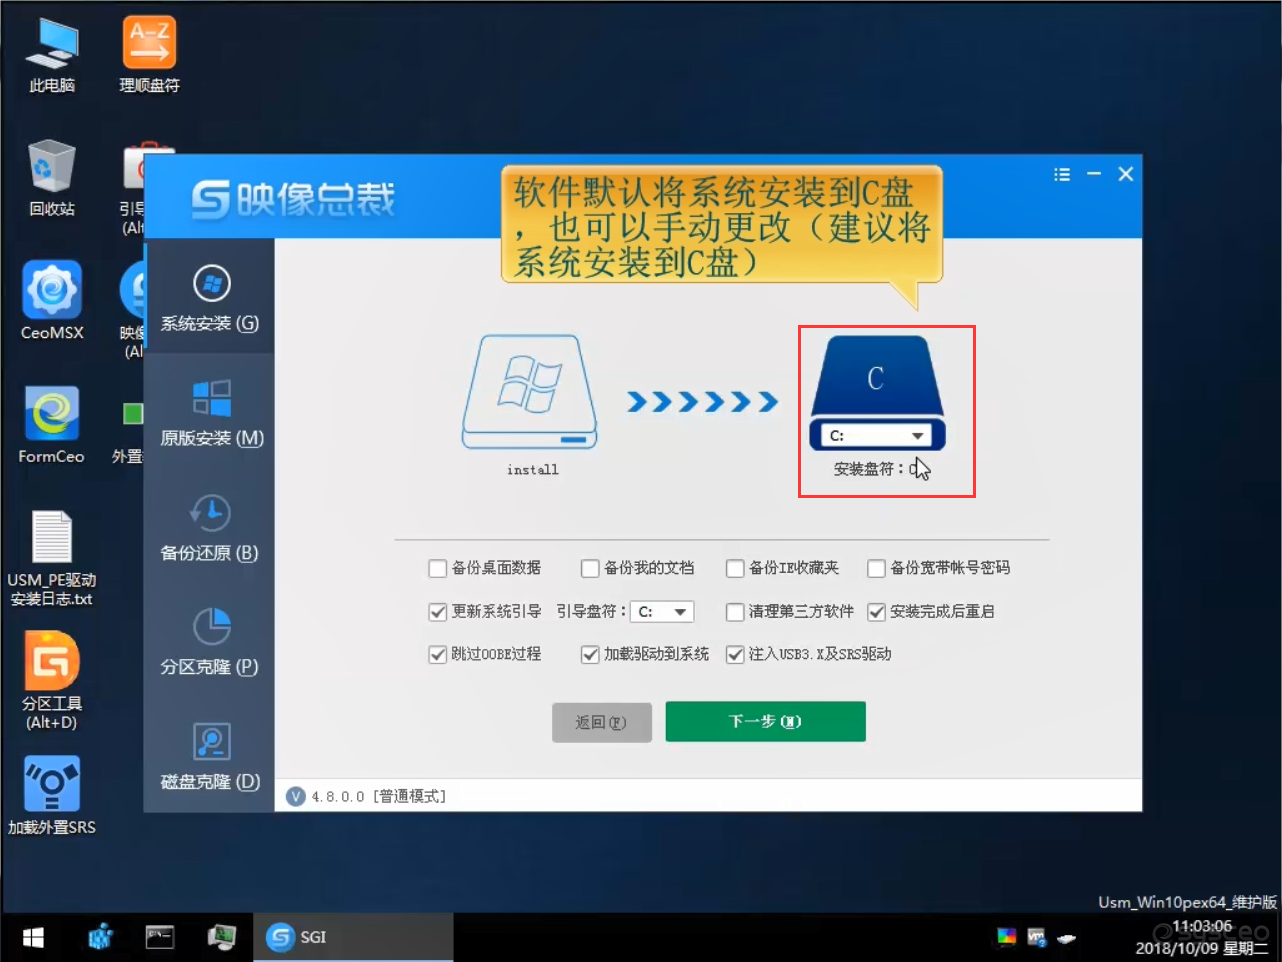 软件默认将系统装到C盘系统盘里,也可以手动更改盘符(建议将系统安装到C盘)